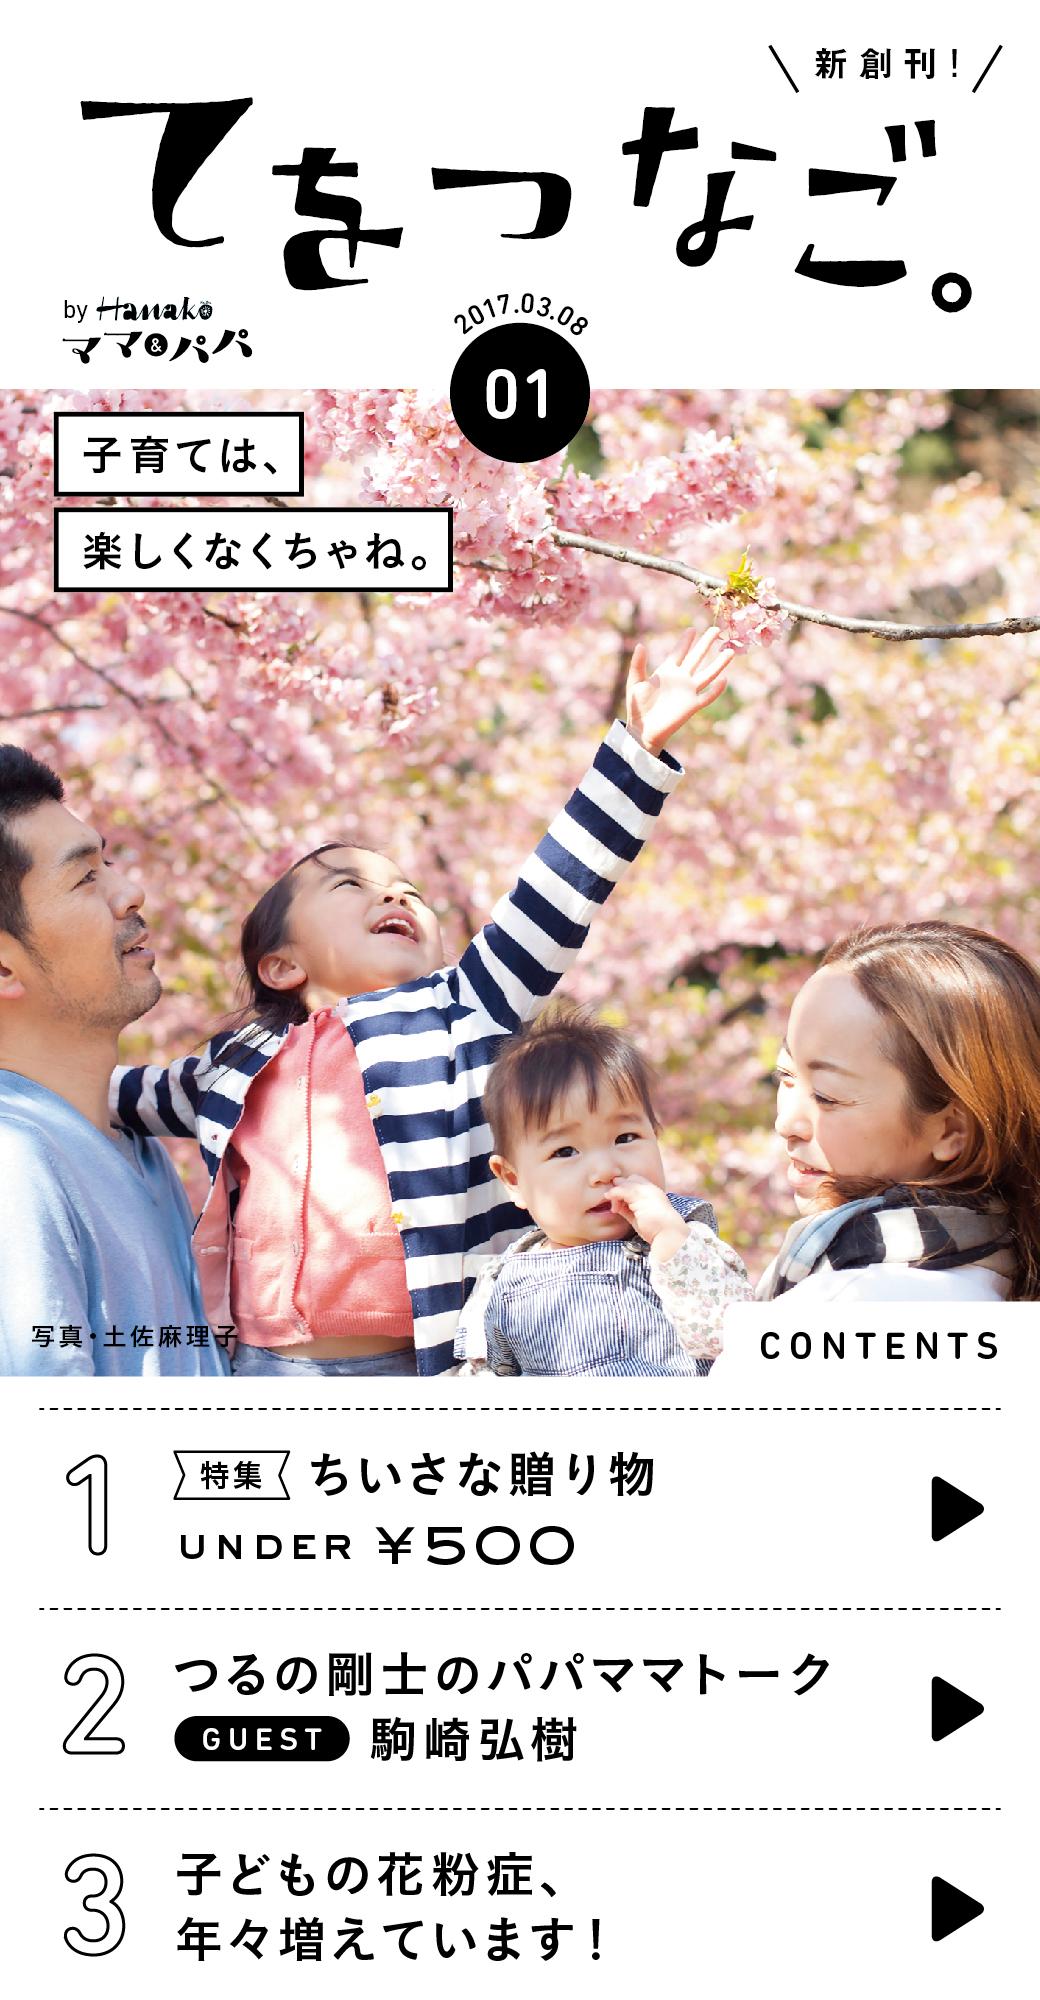 特集 小さな贈り物 UNDER ¥500